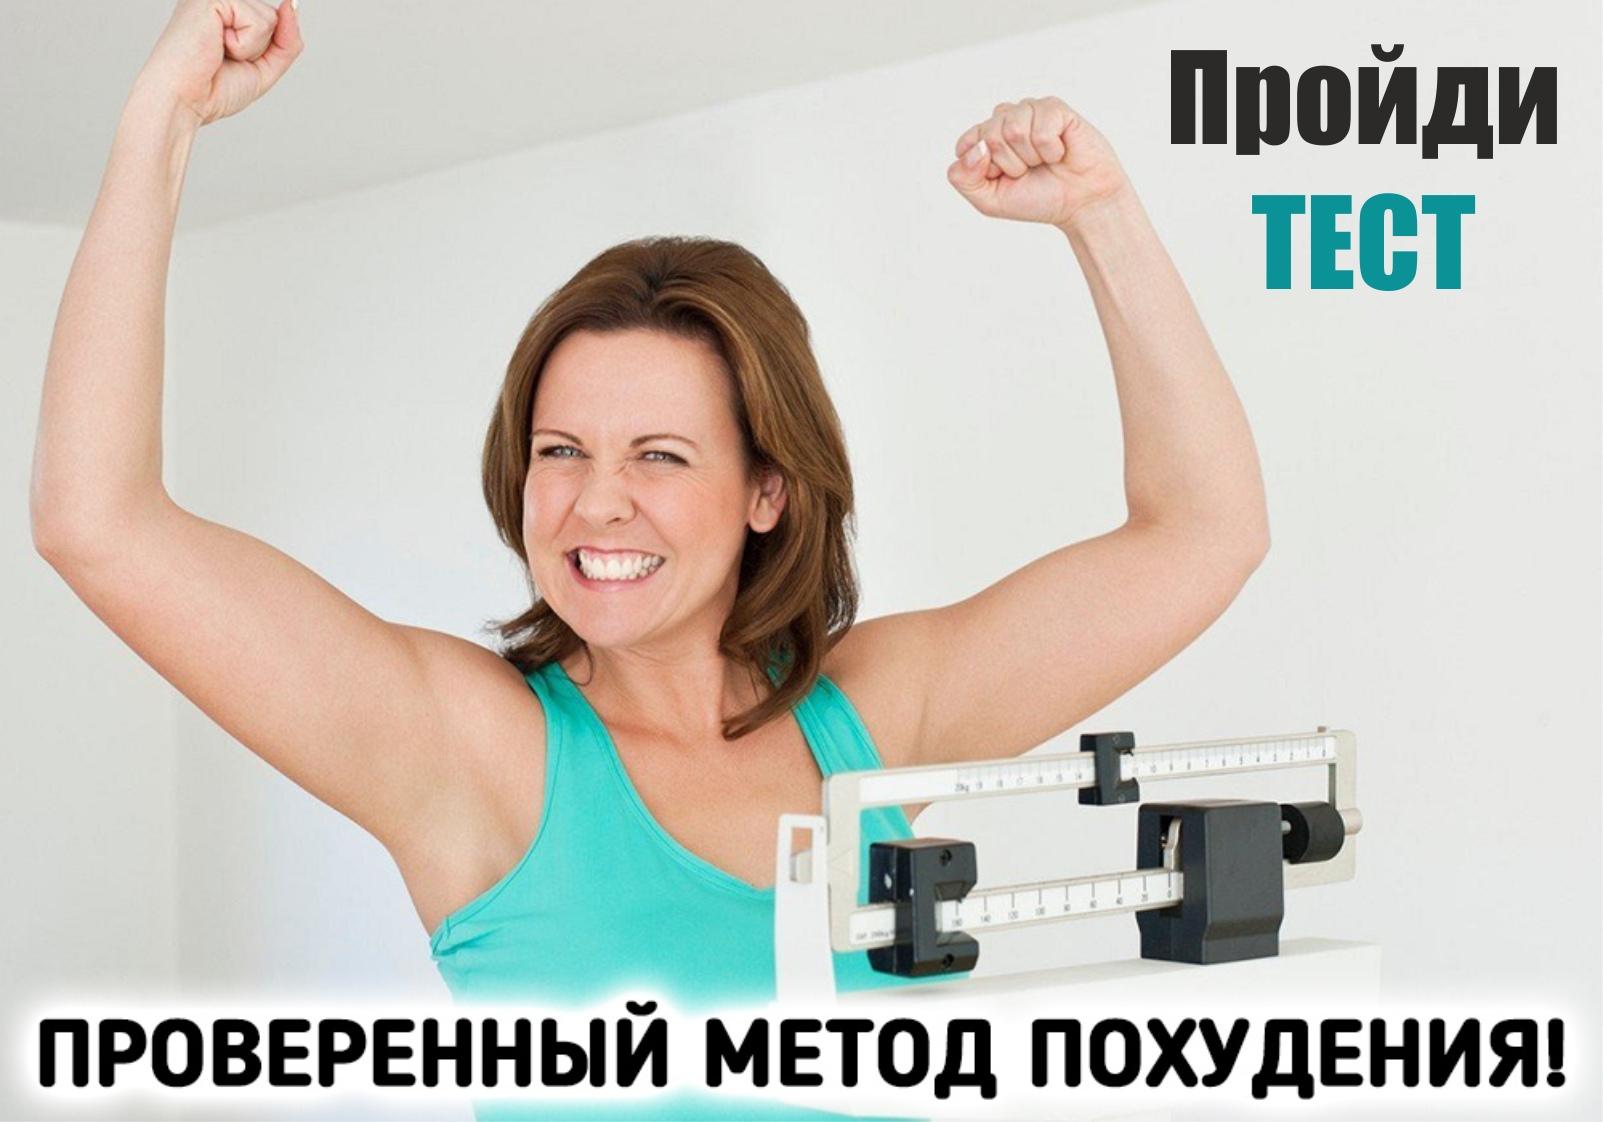 Проверенная методика похудения